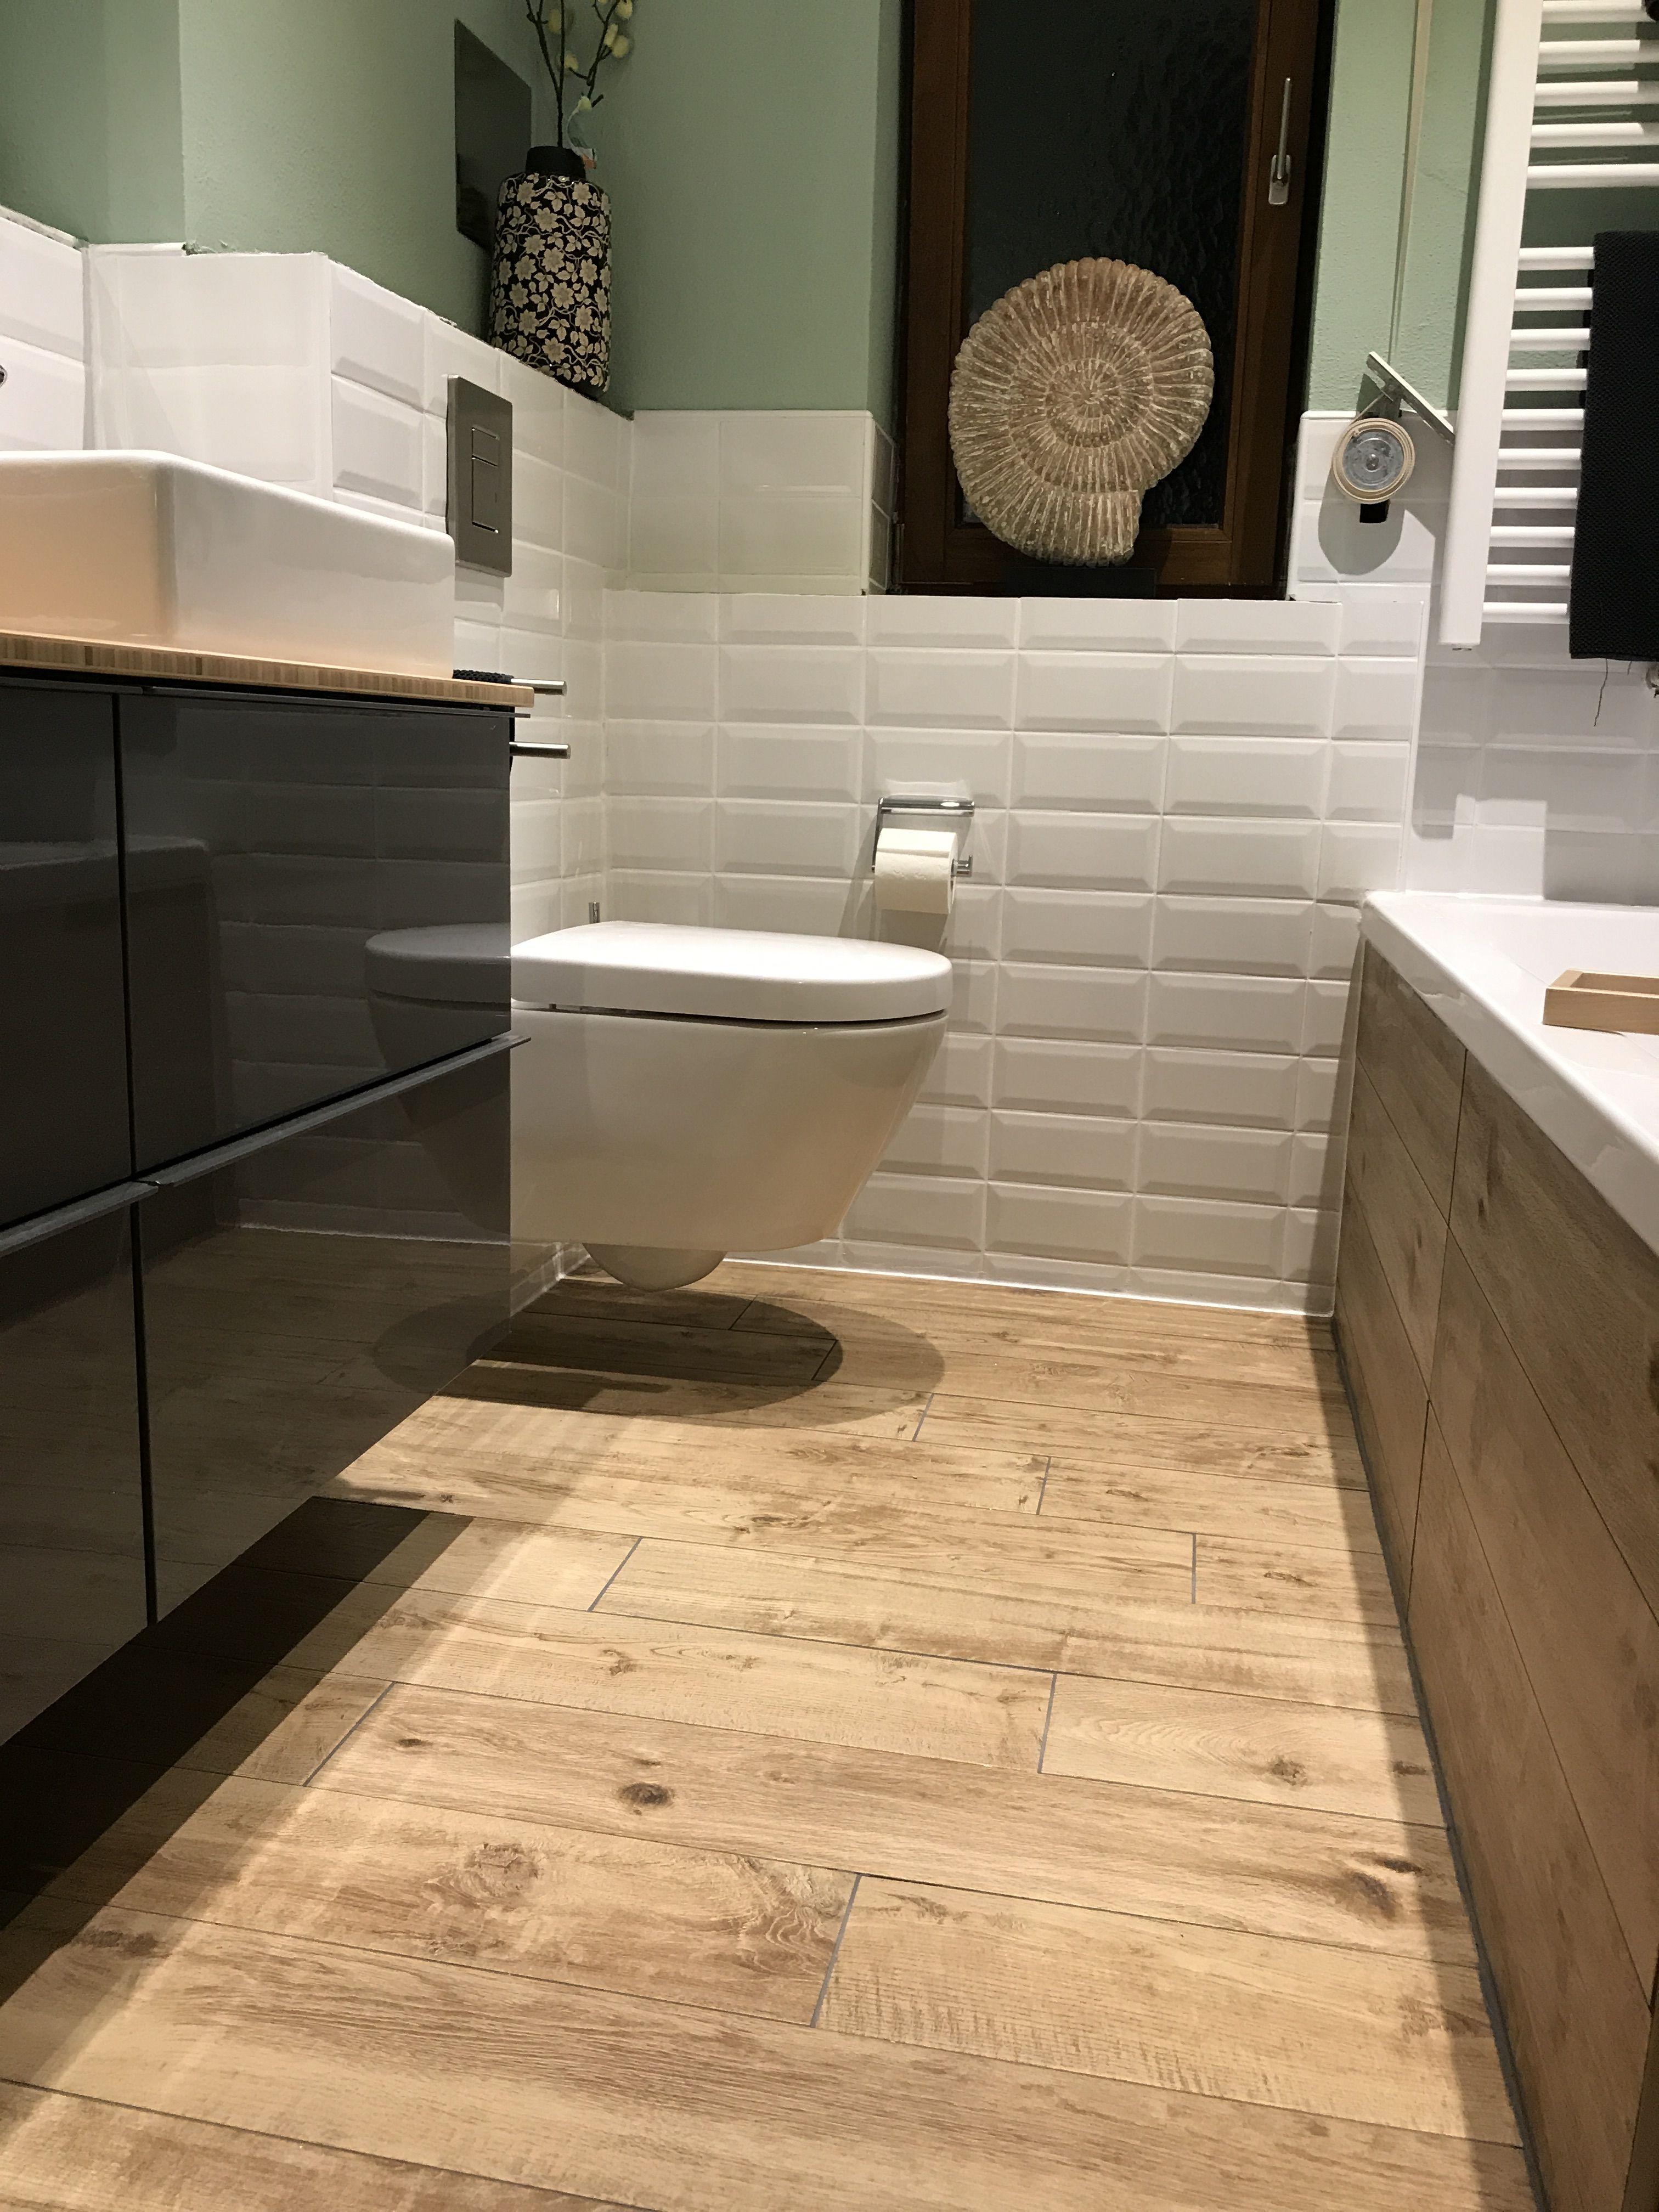 Metrofliesen Alpina Feine Farben Ikea Godmorgon Bathroom Diy